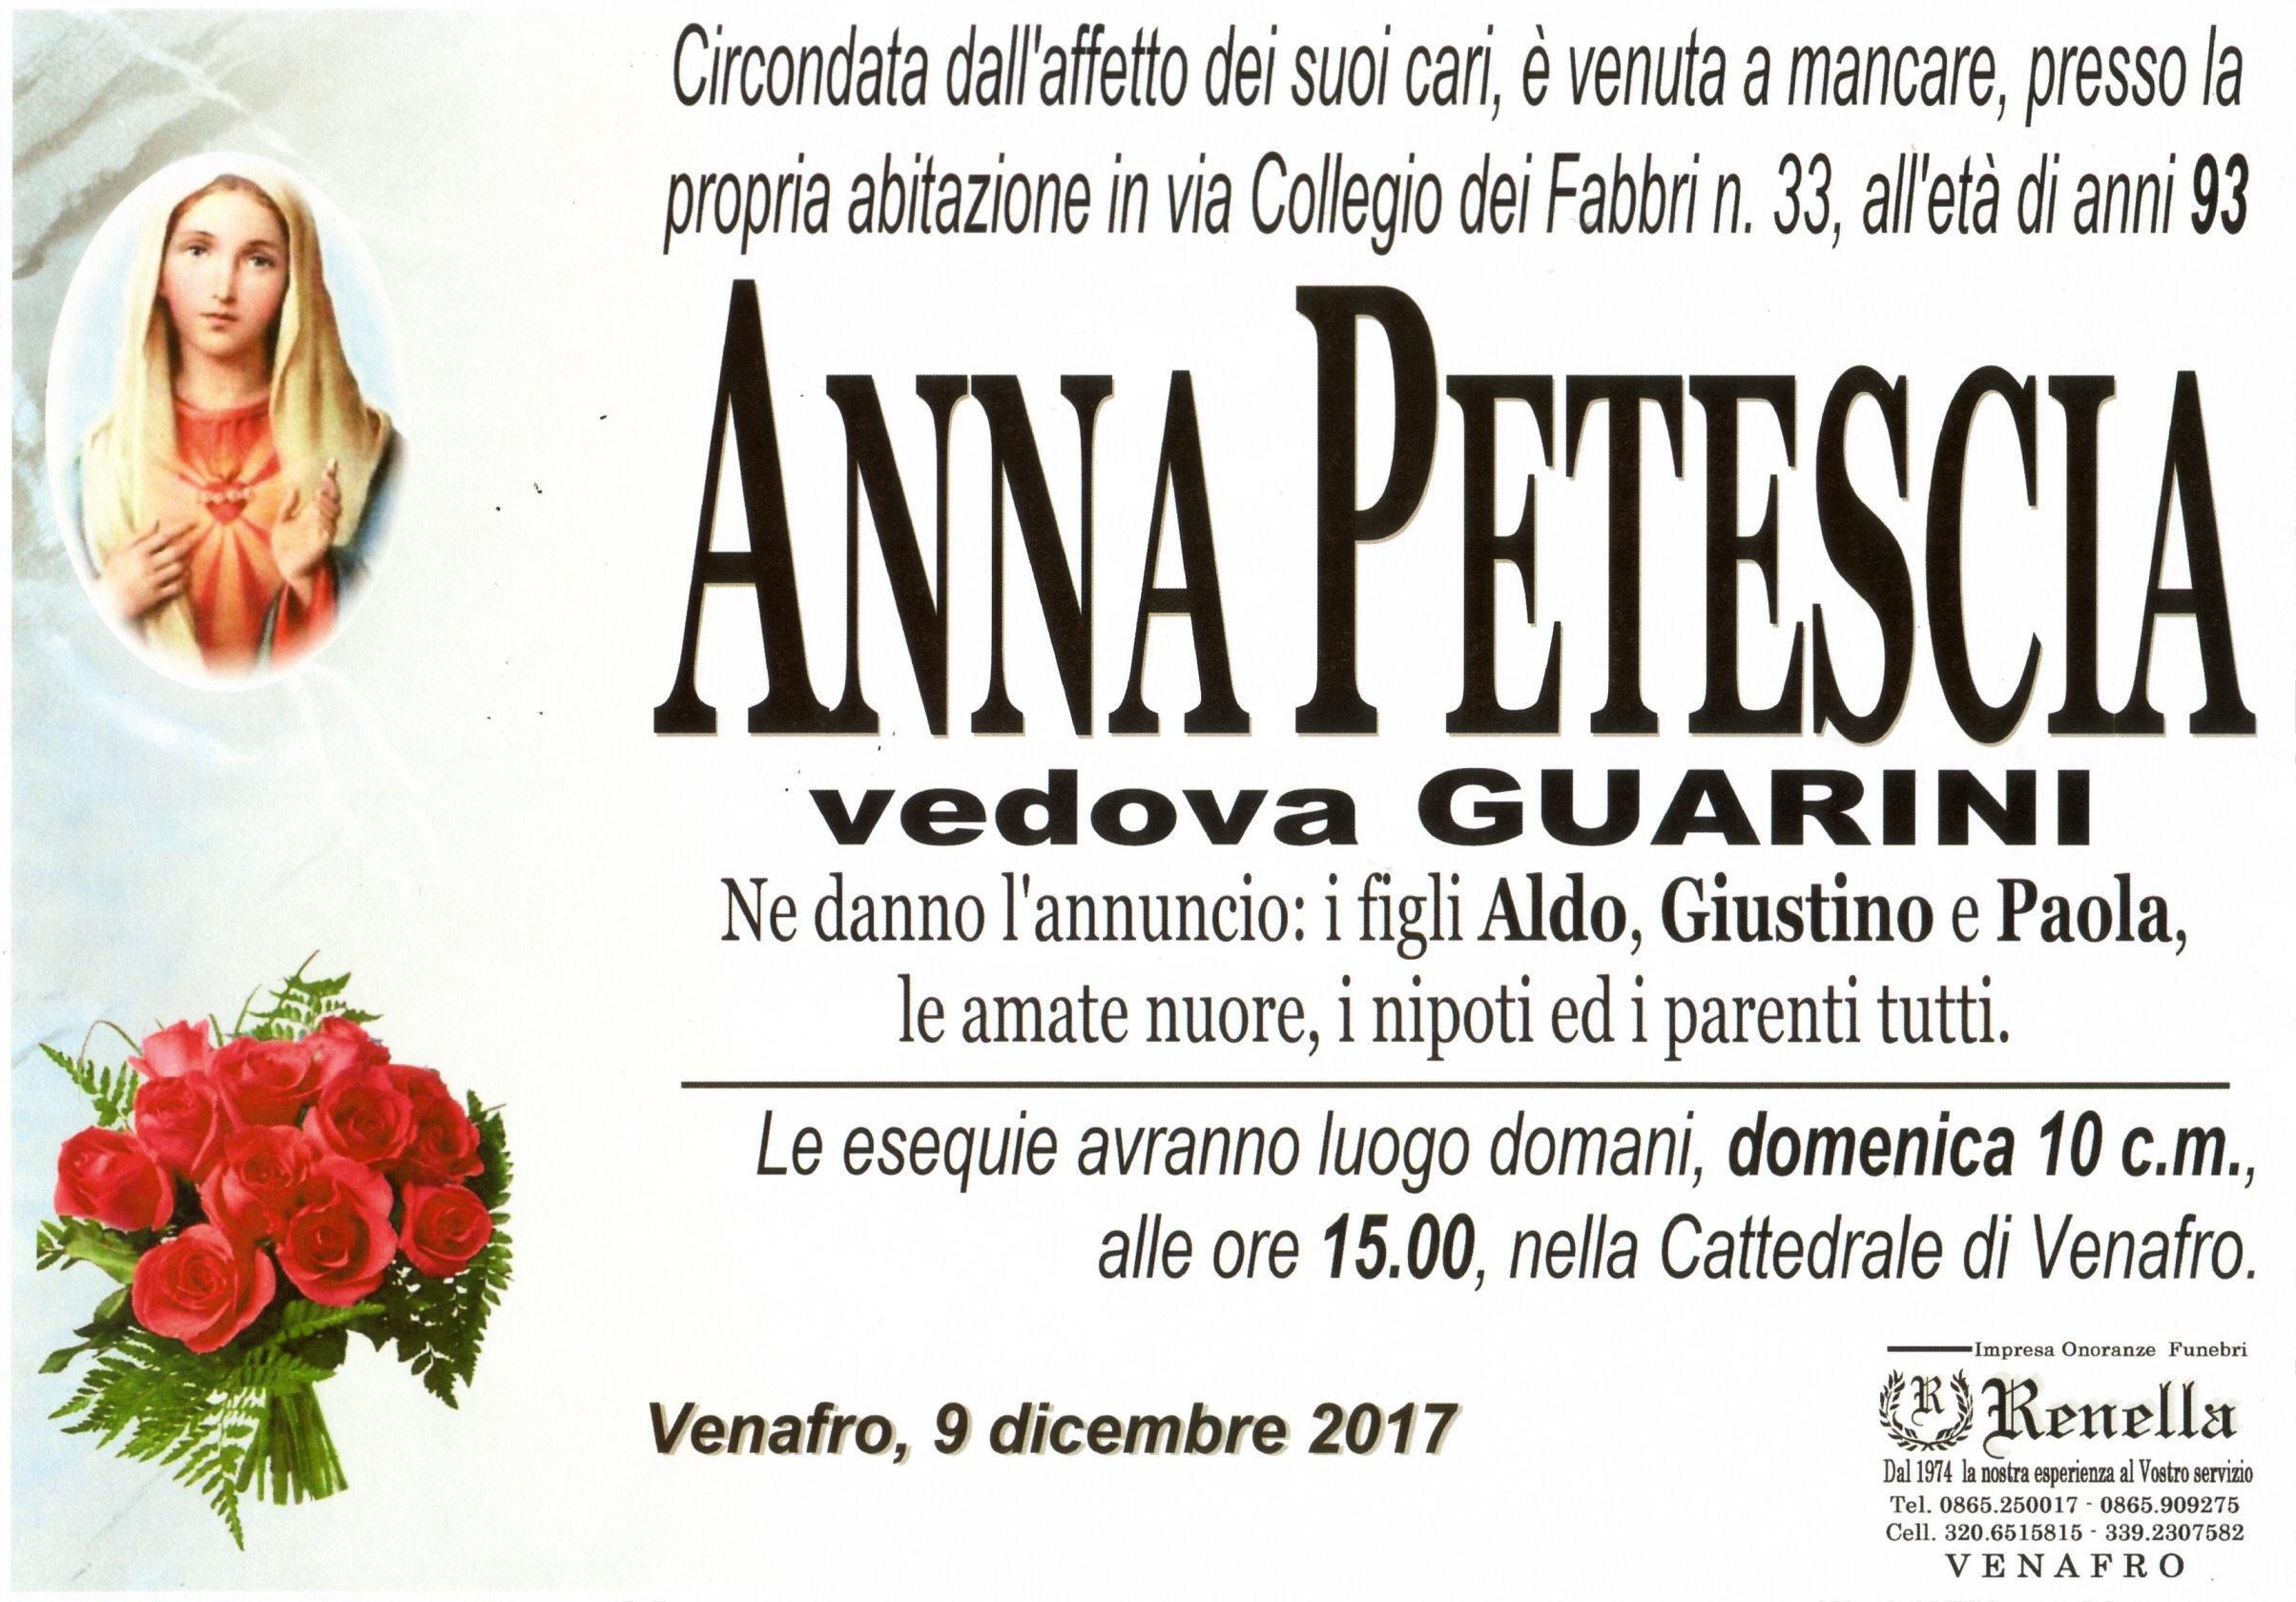 Anna Petescia, 9/12/2017, Venafro – Onoranze Funebri Renella